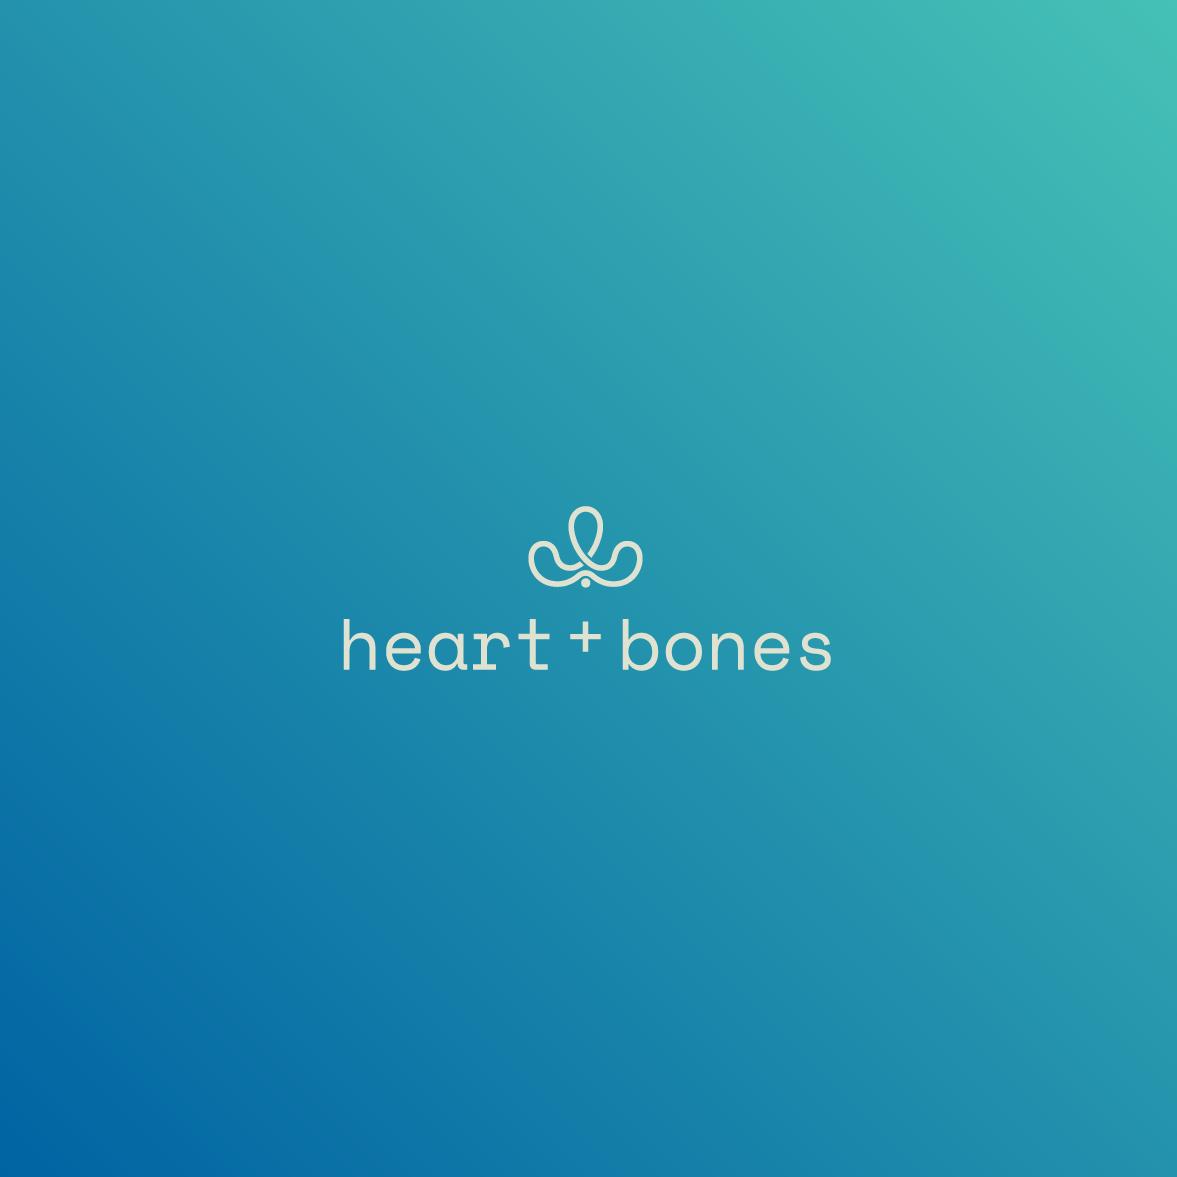 heart+bones-logo_gradient@2x.png